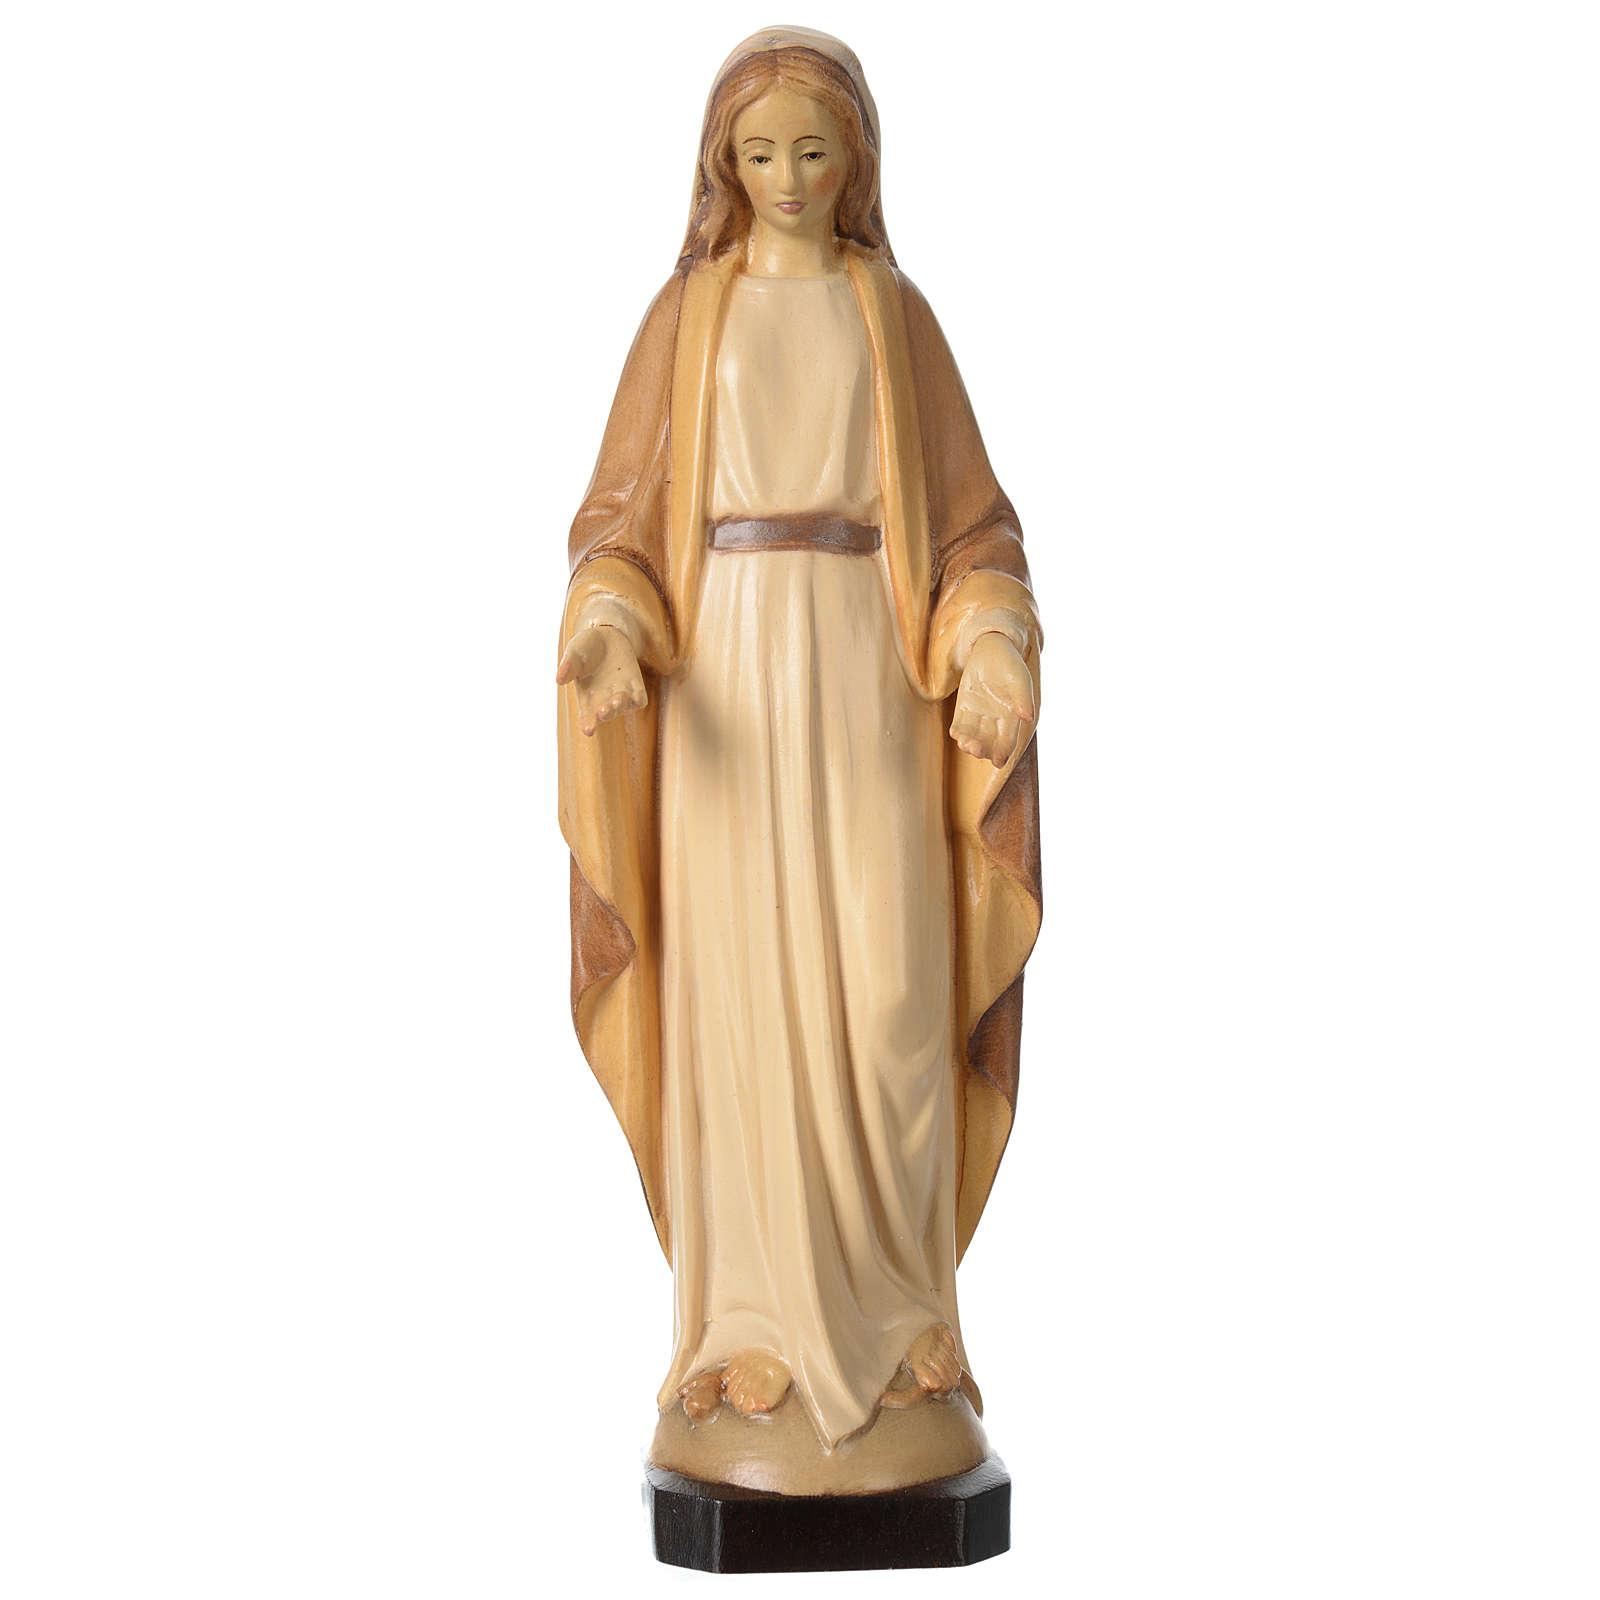 Statua Madonna Immacolata legno Valgardena diverse tonalità marrone 4